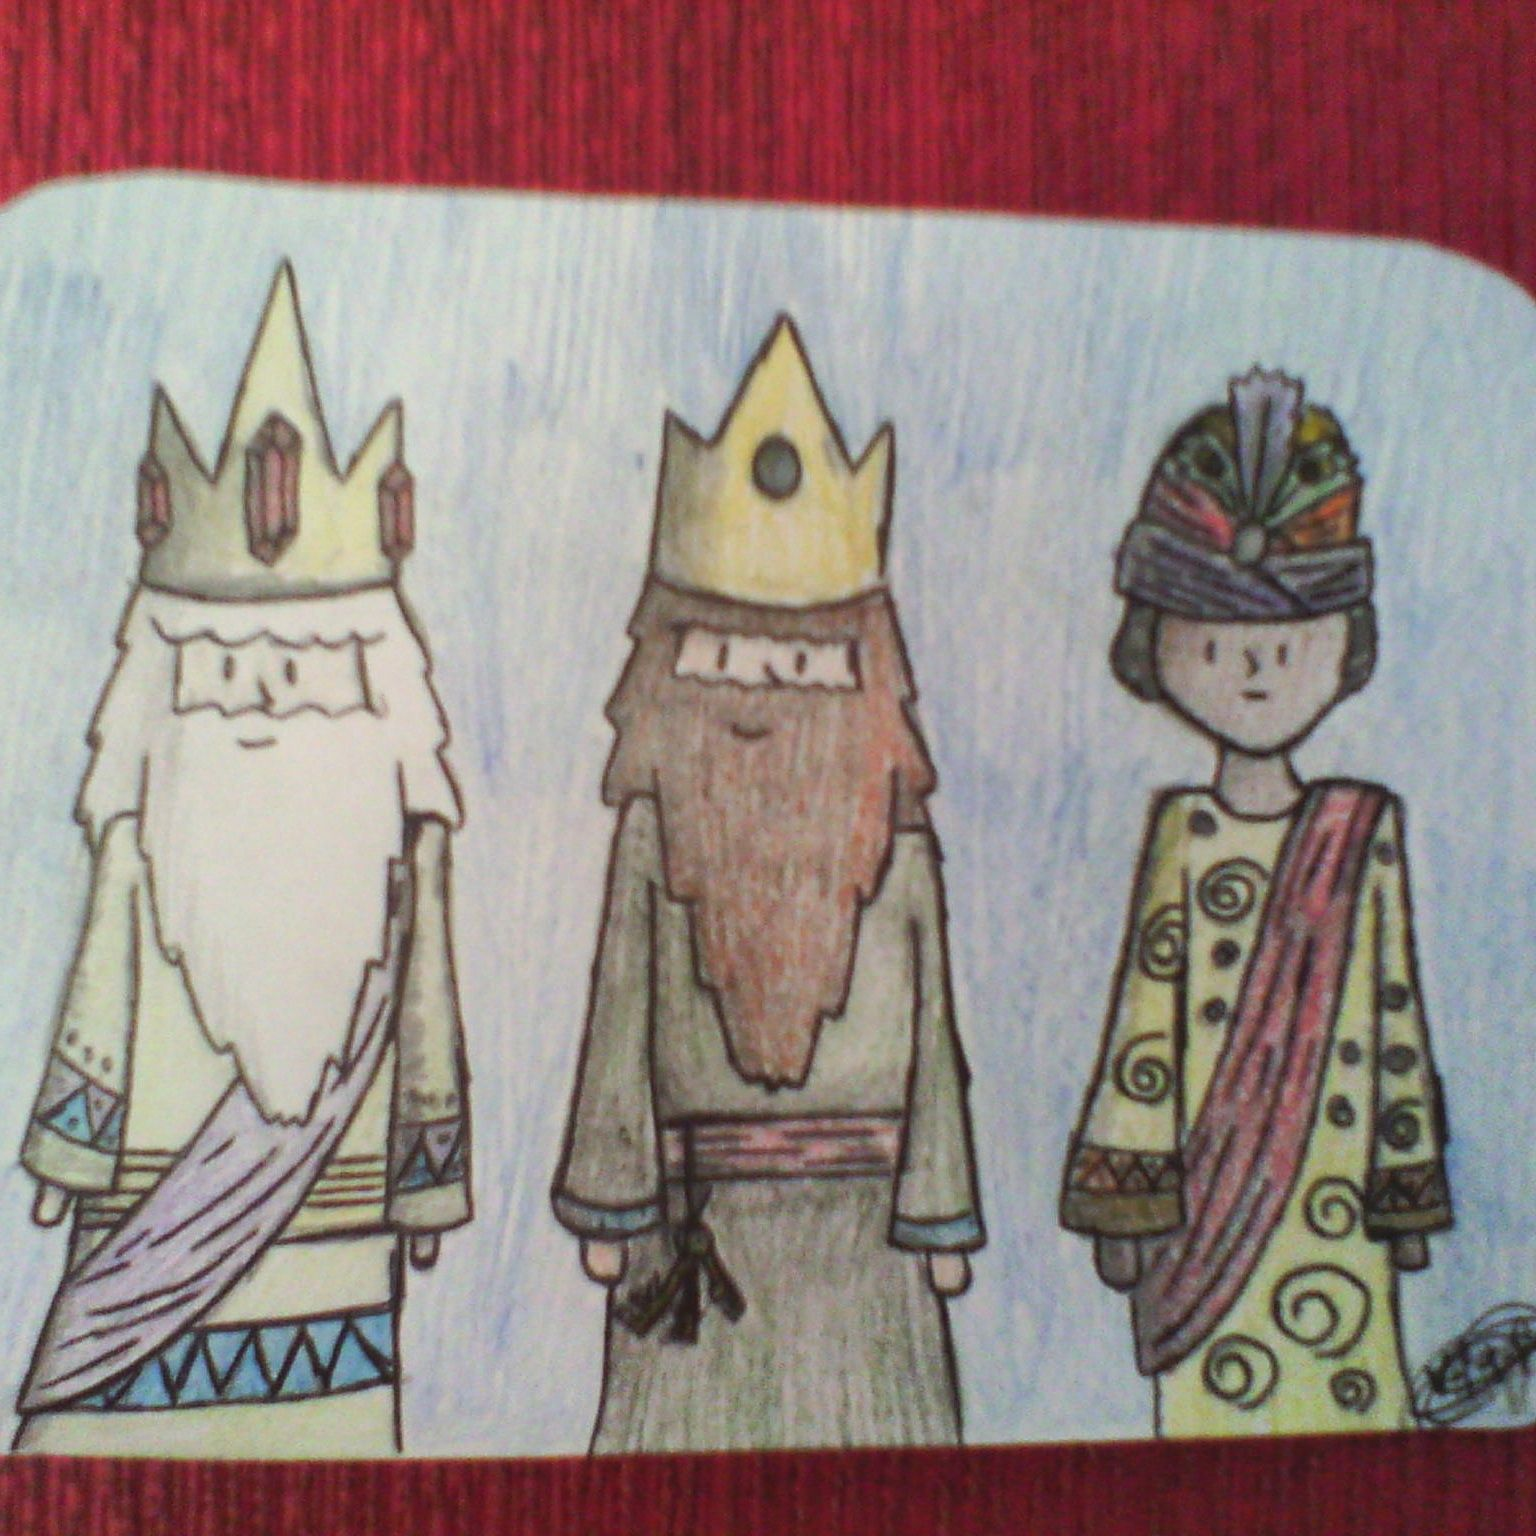 Los Reyes Magos ya han pasado, pero bueno. Dibujo realizado a lapiz